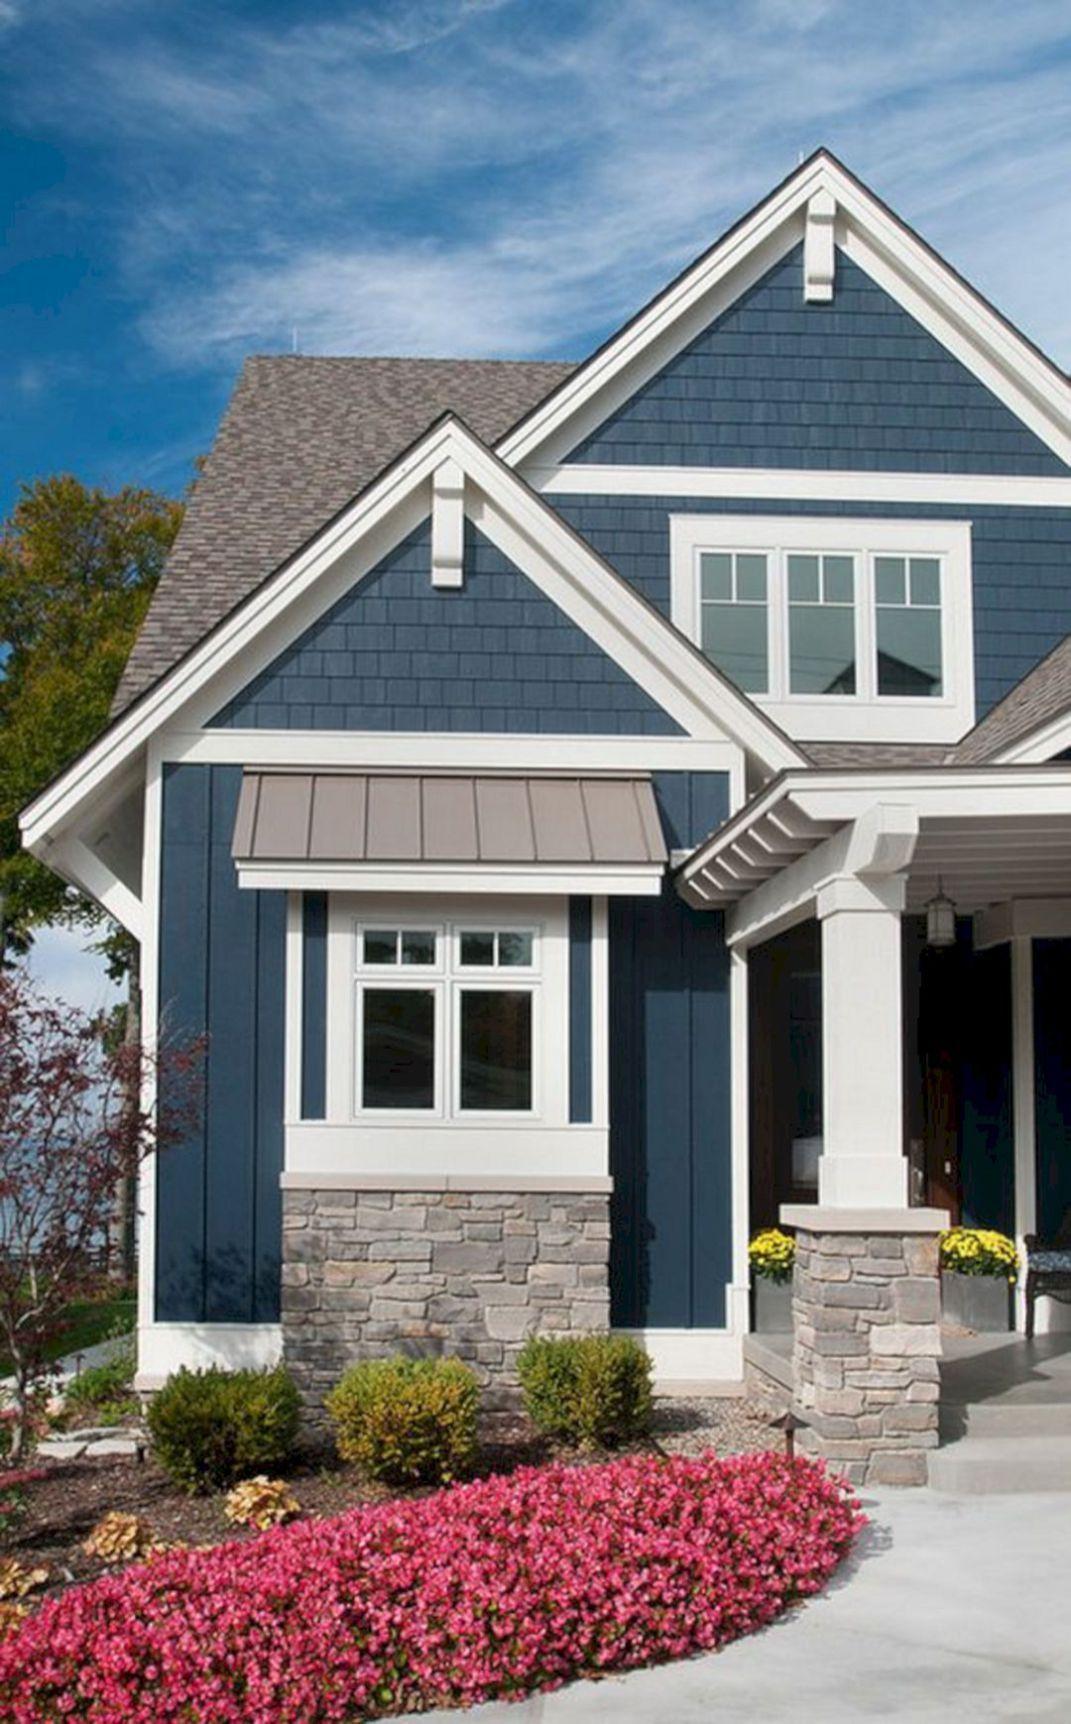 Couleur Extérieur Maison 2017 navy blue exterior house color #exteriordesigncolor